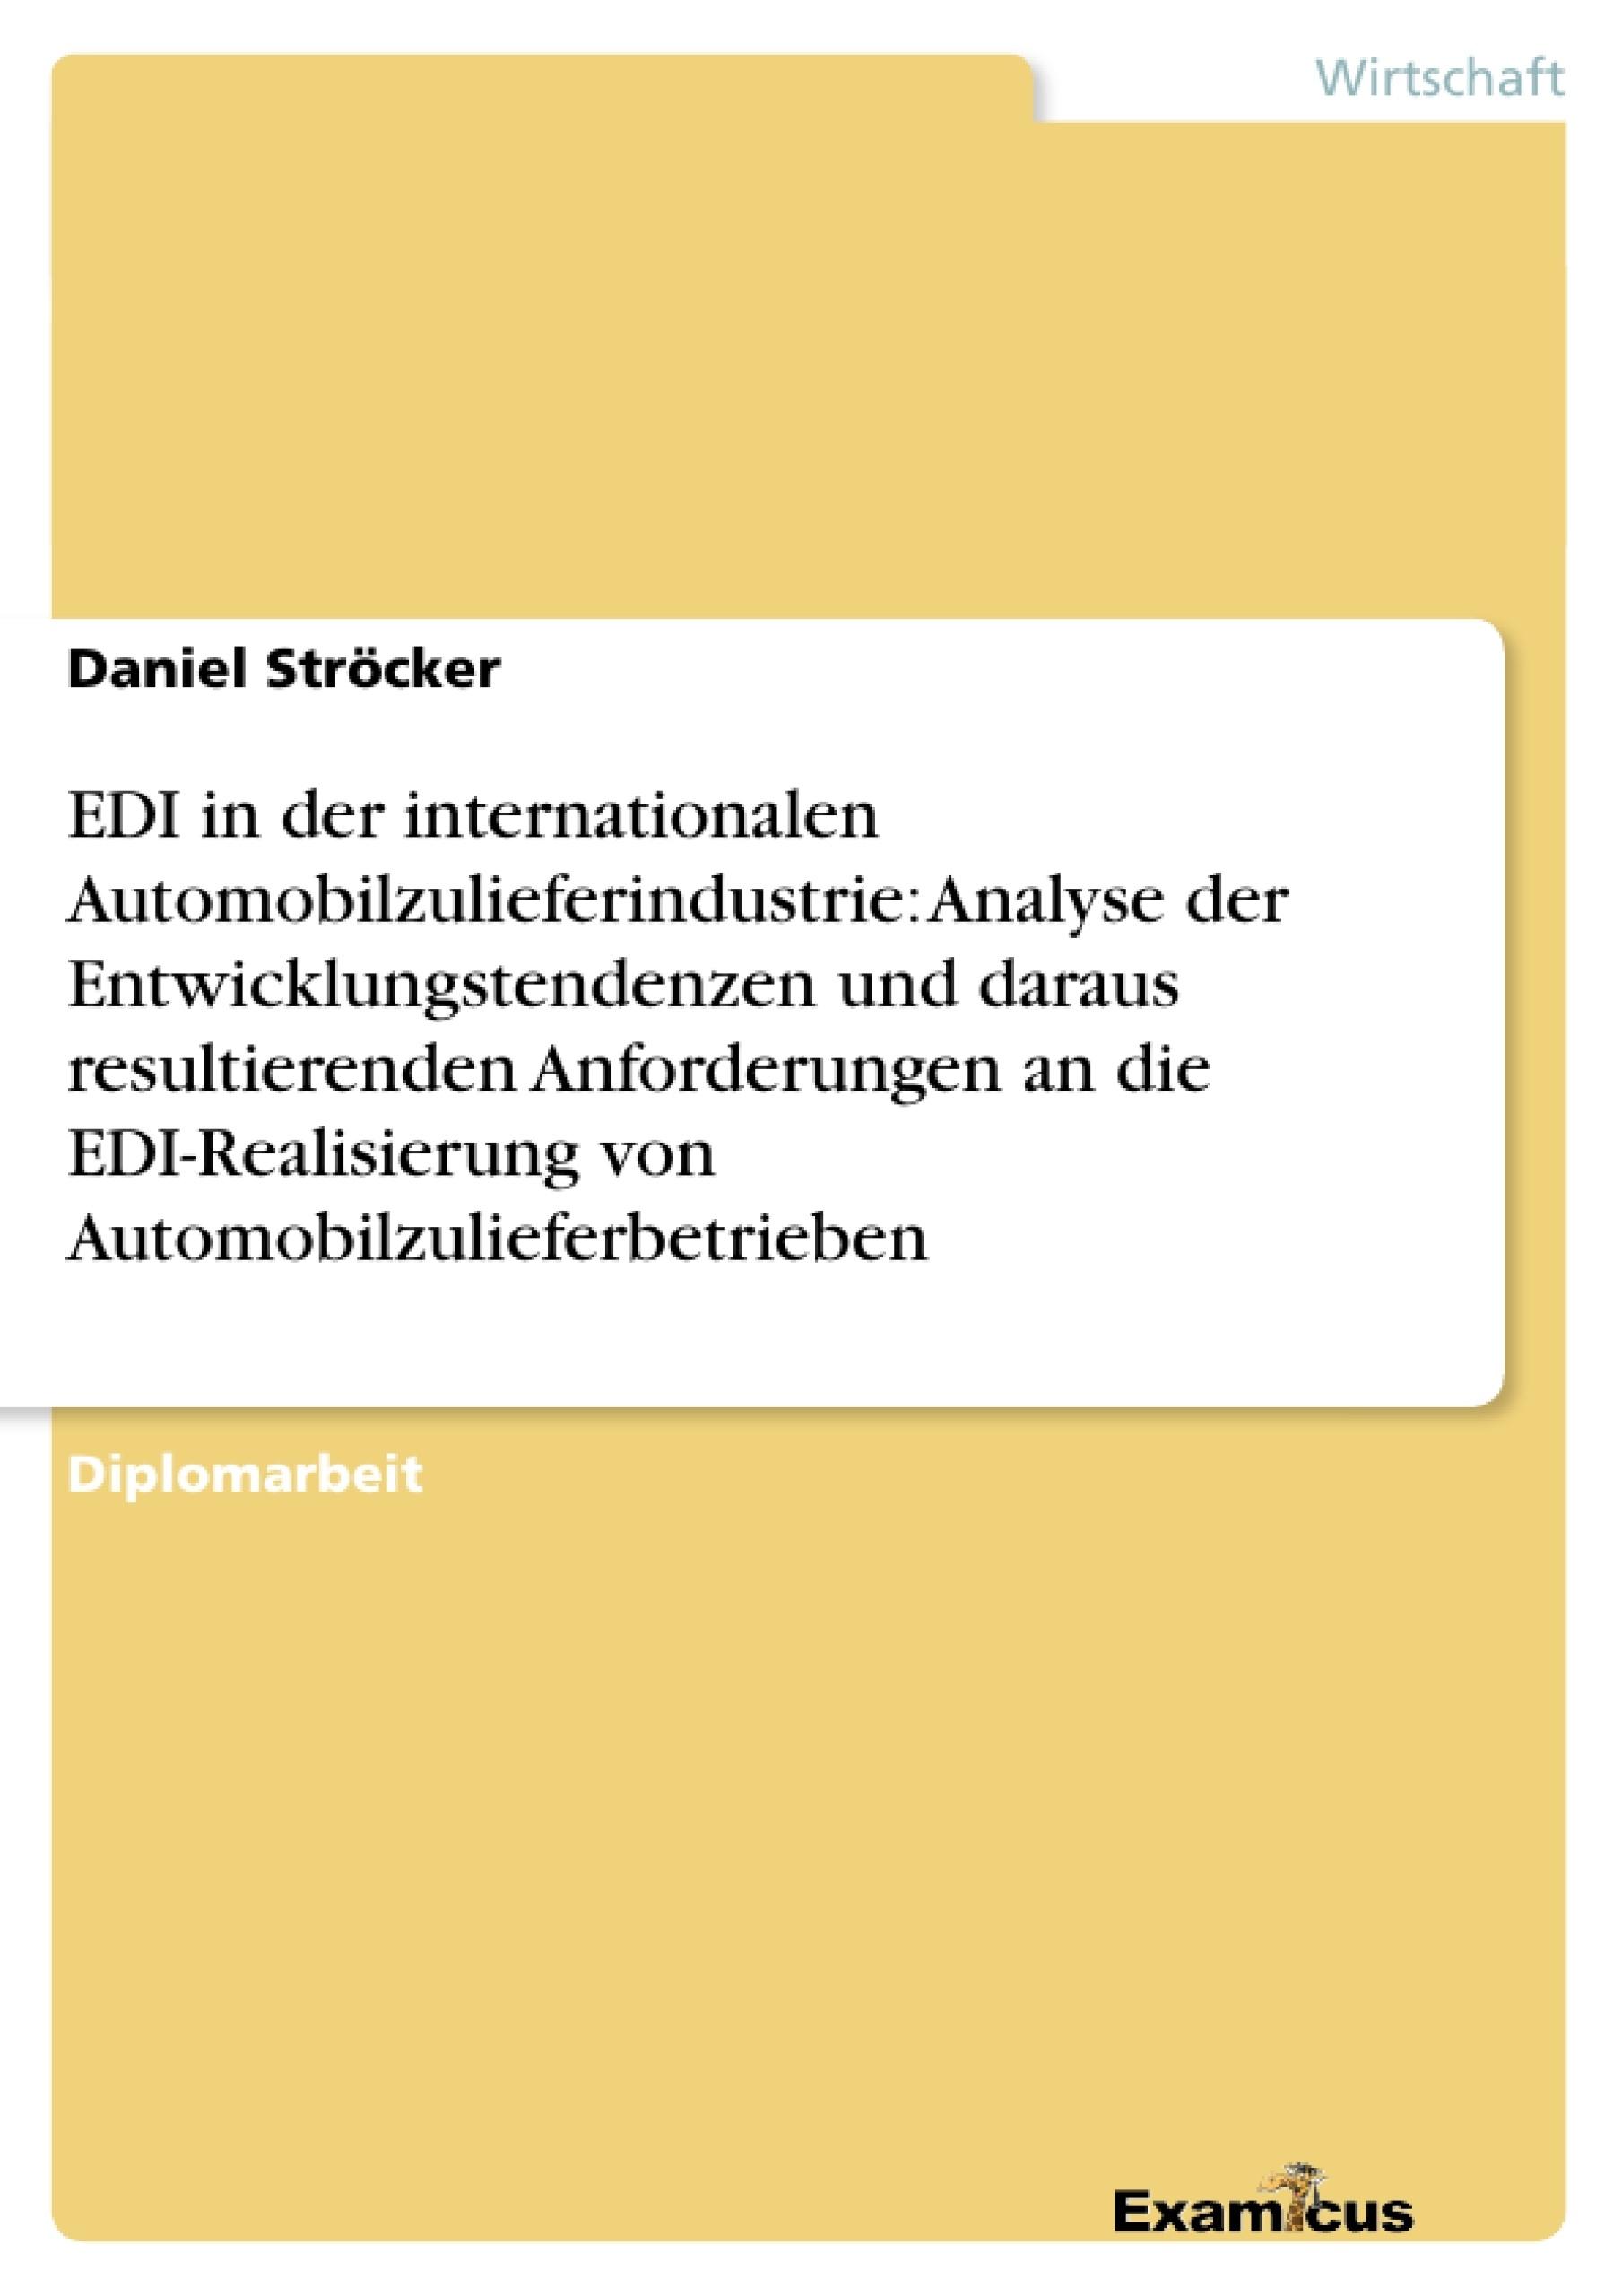 Titel: EDI in der internationalen Automobilzulieferindustrie: Analyse der Entwicklungstendenzen und daraus resultierenden Anforderungen an die EDI-Realisierung von Automobilzulieferbetrieben